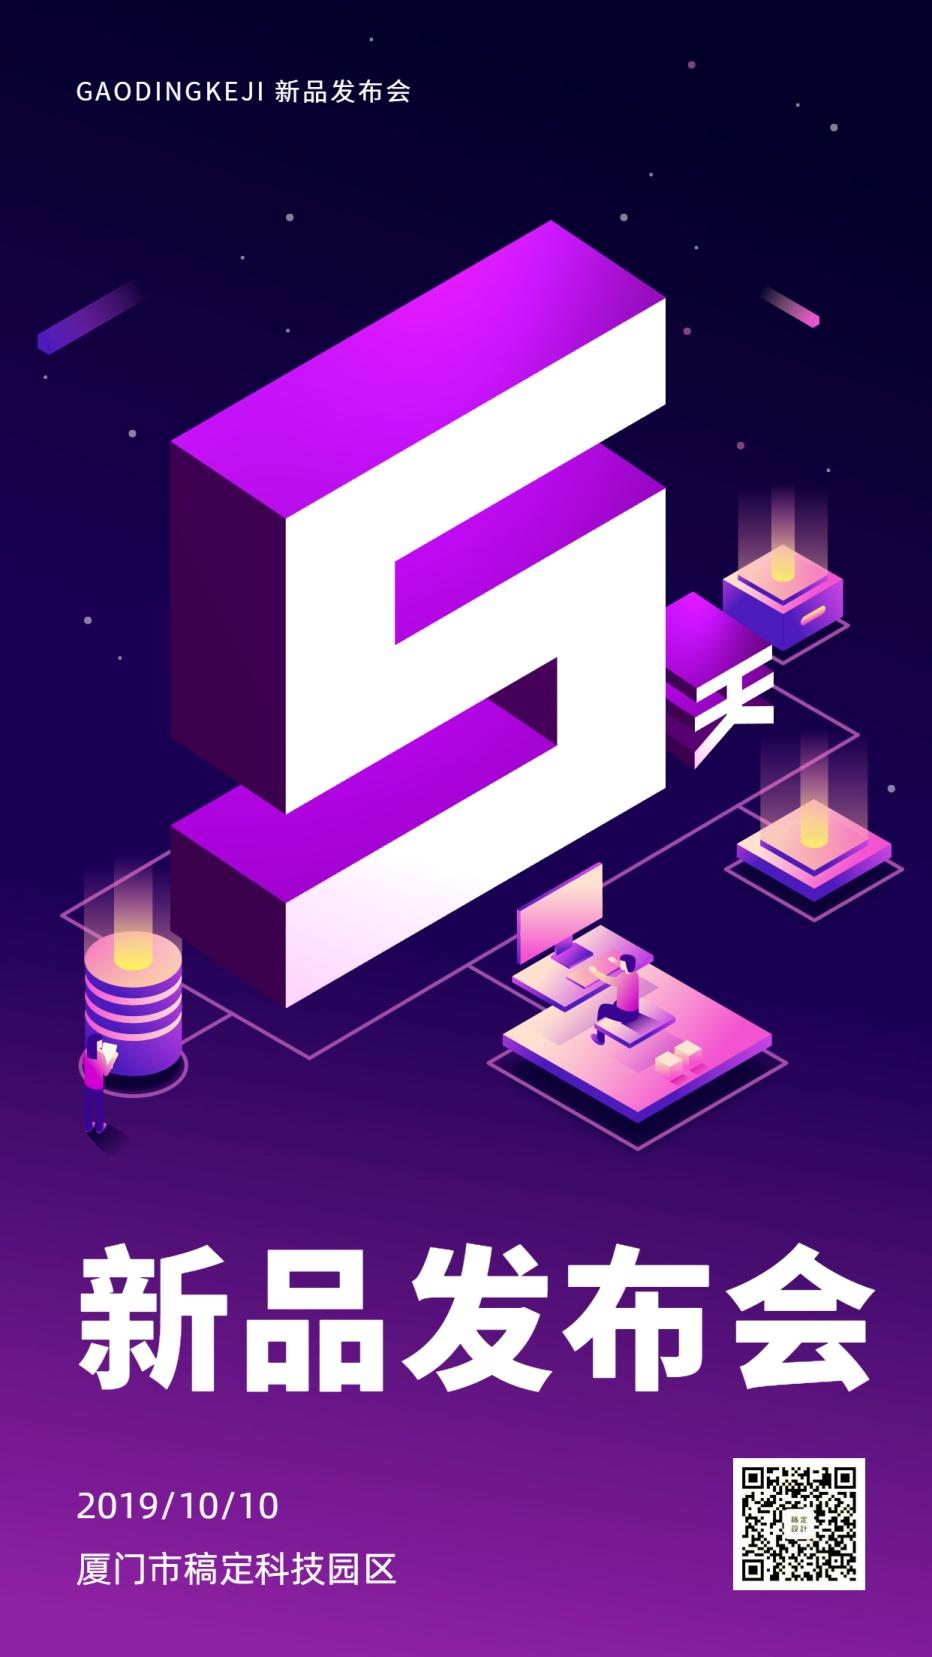 新品发布会/倒计时/3D字体手机海报